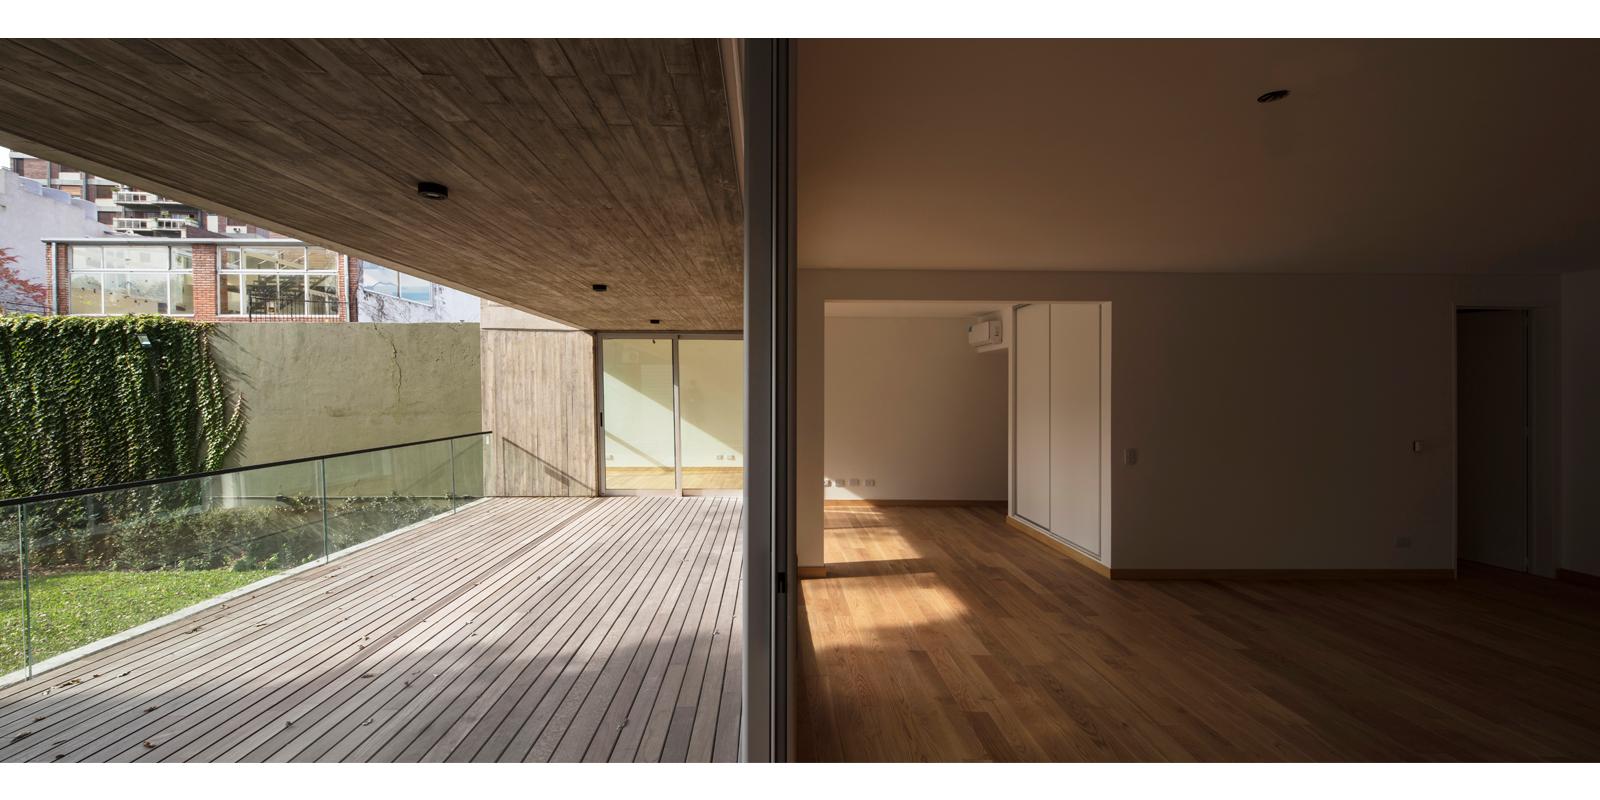 ProyectoC_Arquitectos_Portfolio_14_EnriqueMartinez